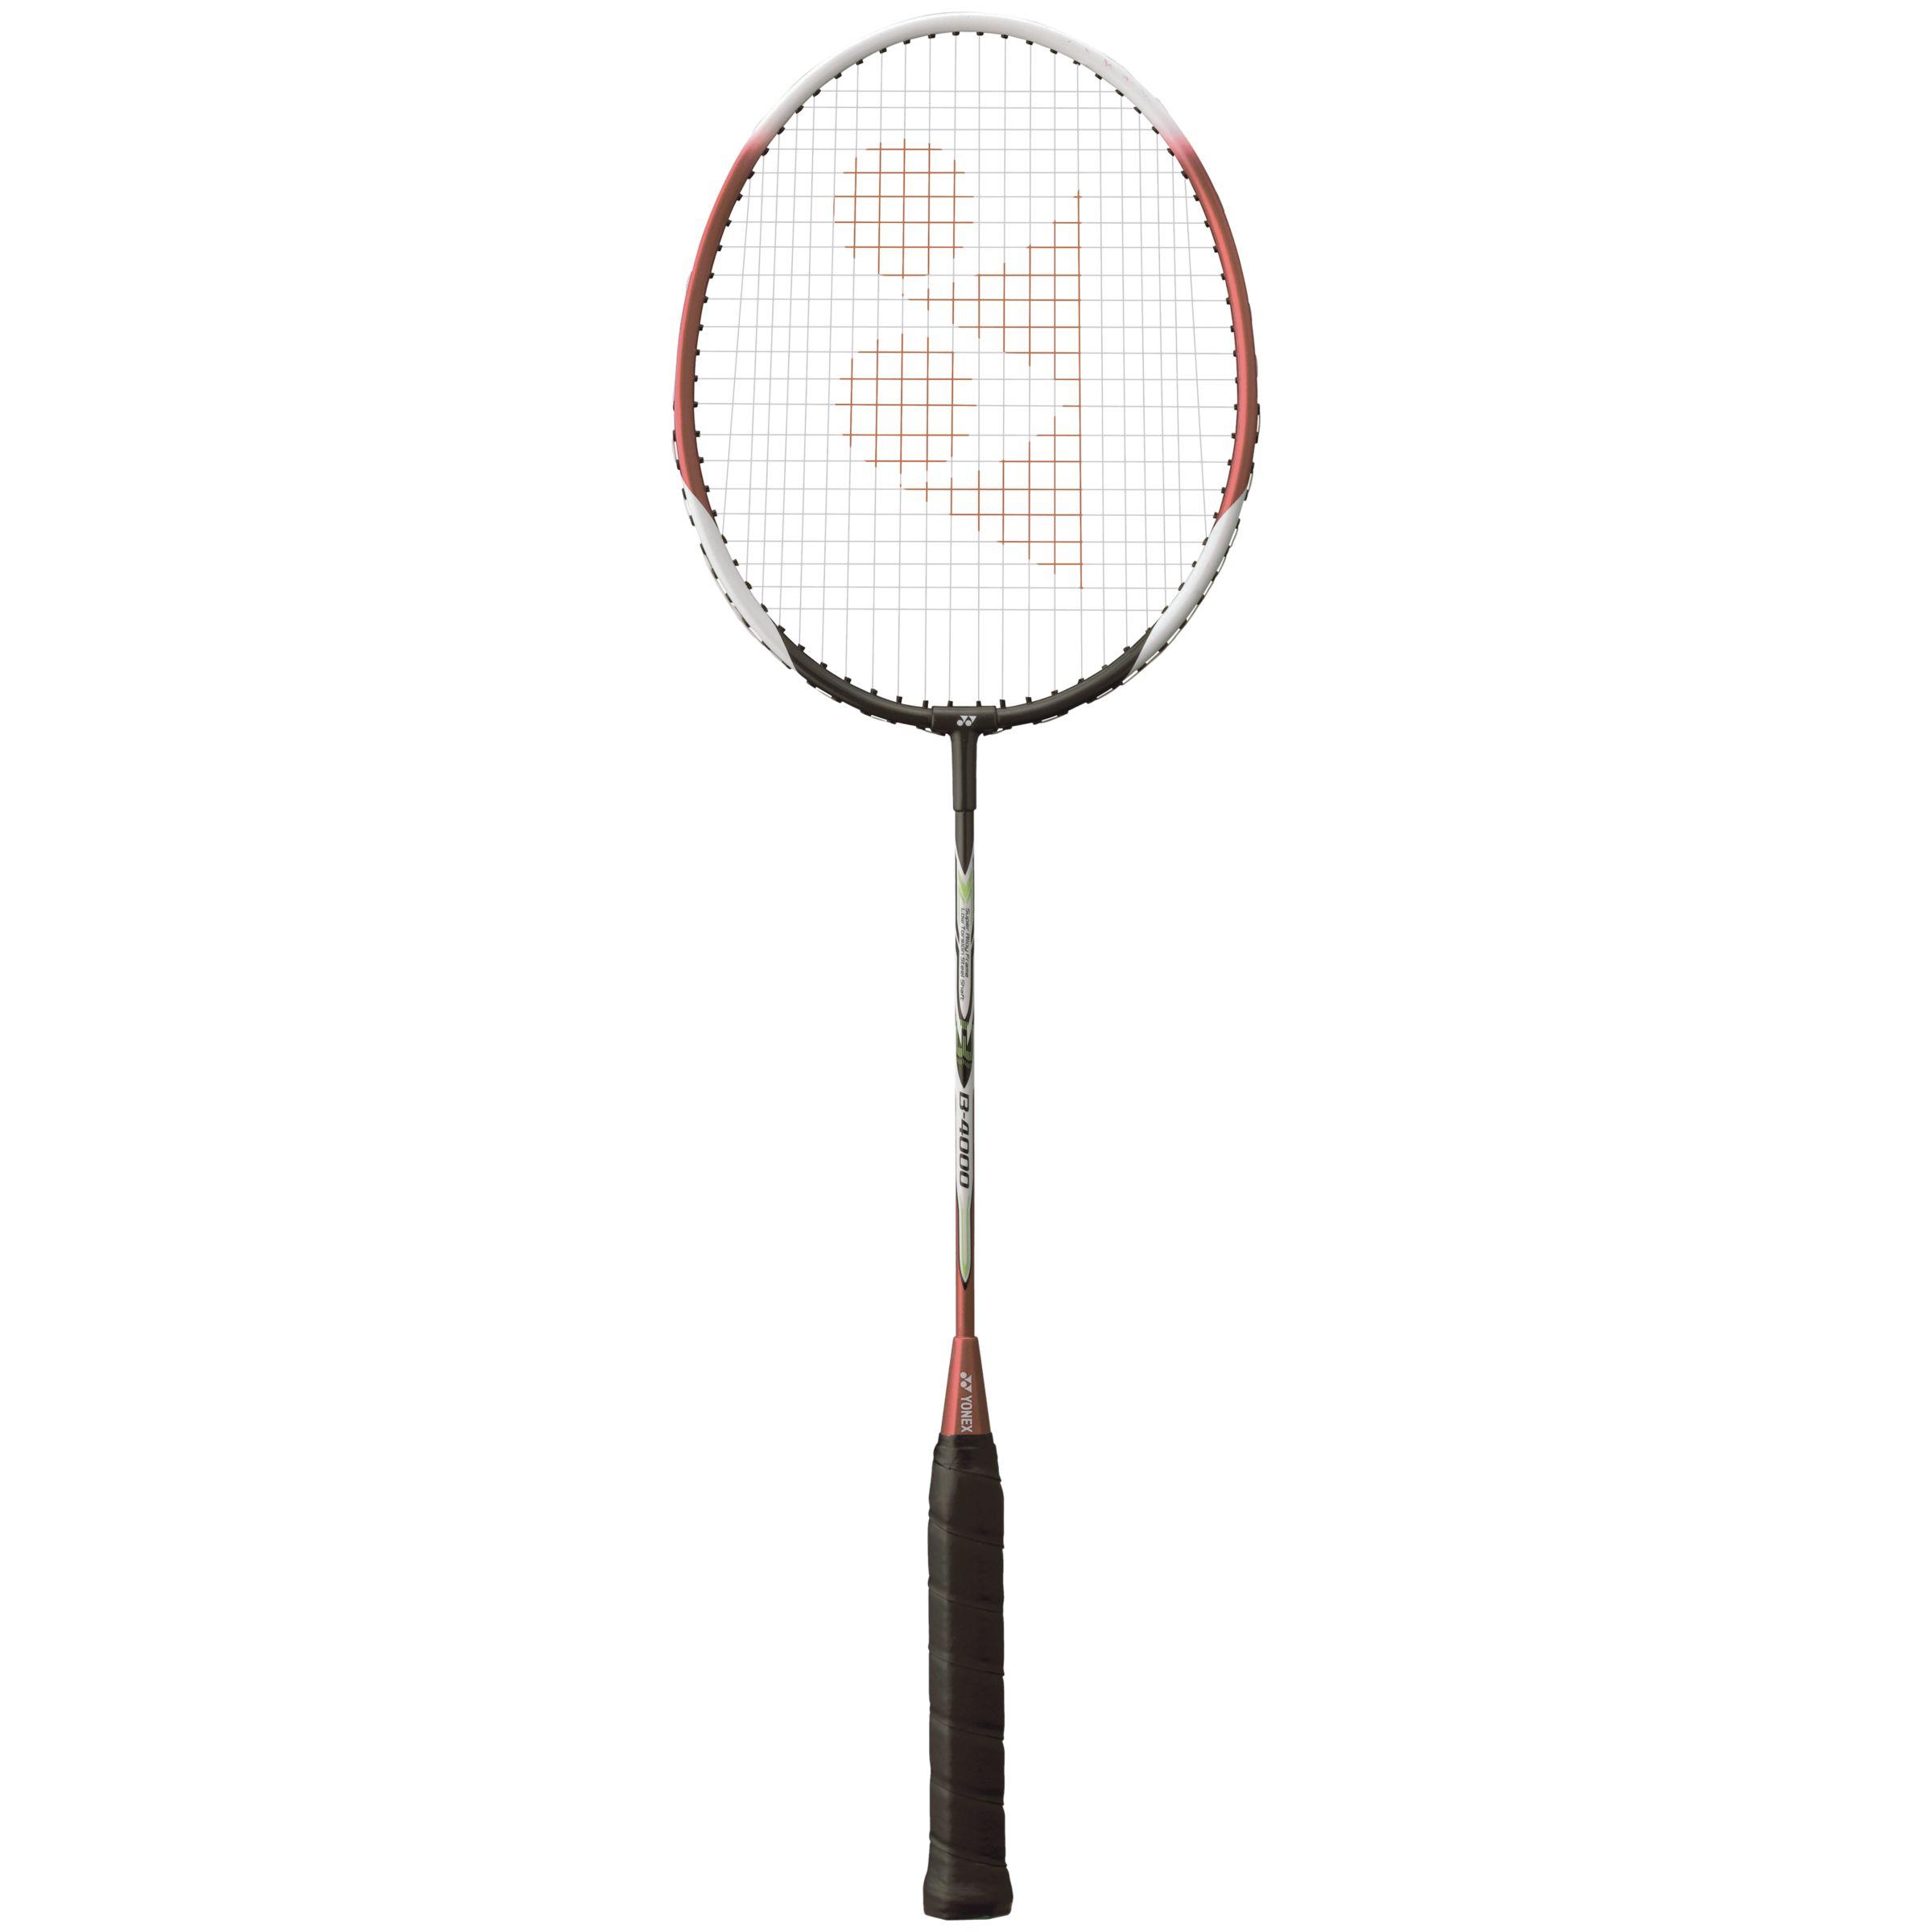 Yonex Yonex B-4000 Badminton Racquet, Red/White